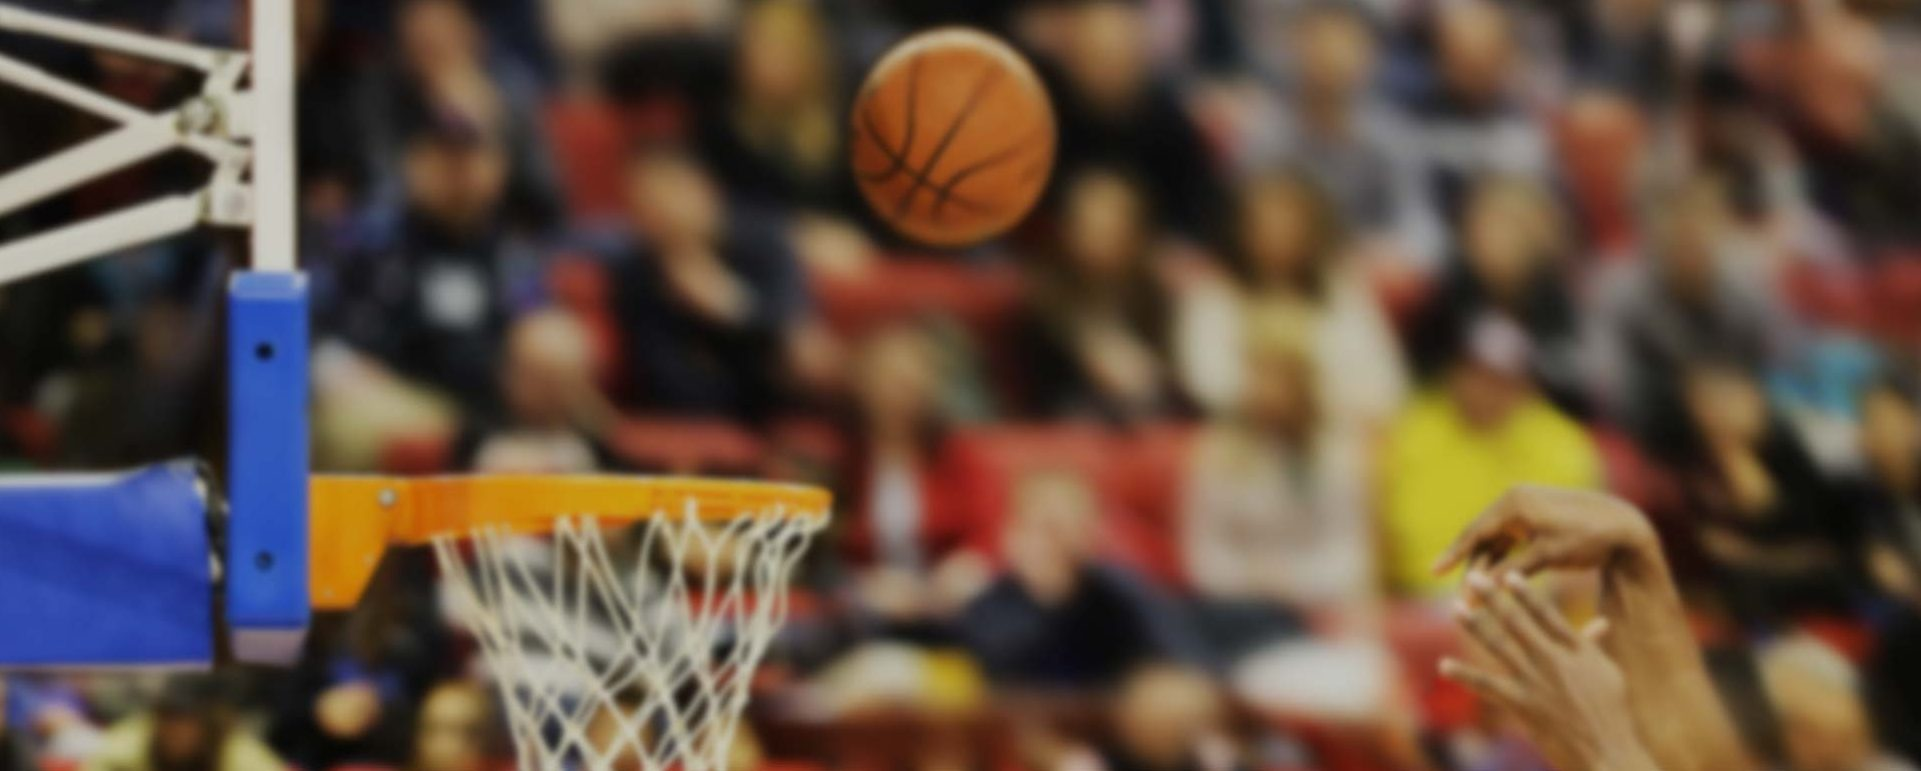 dunav-basket-parallax-bb